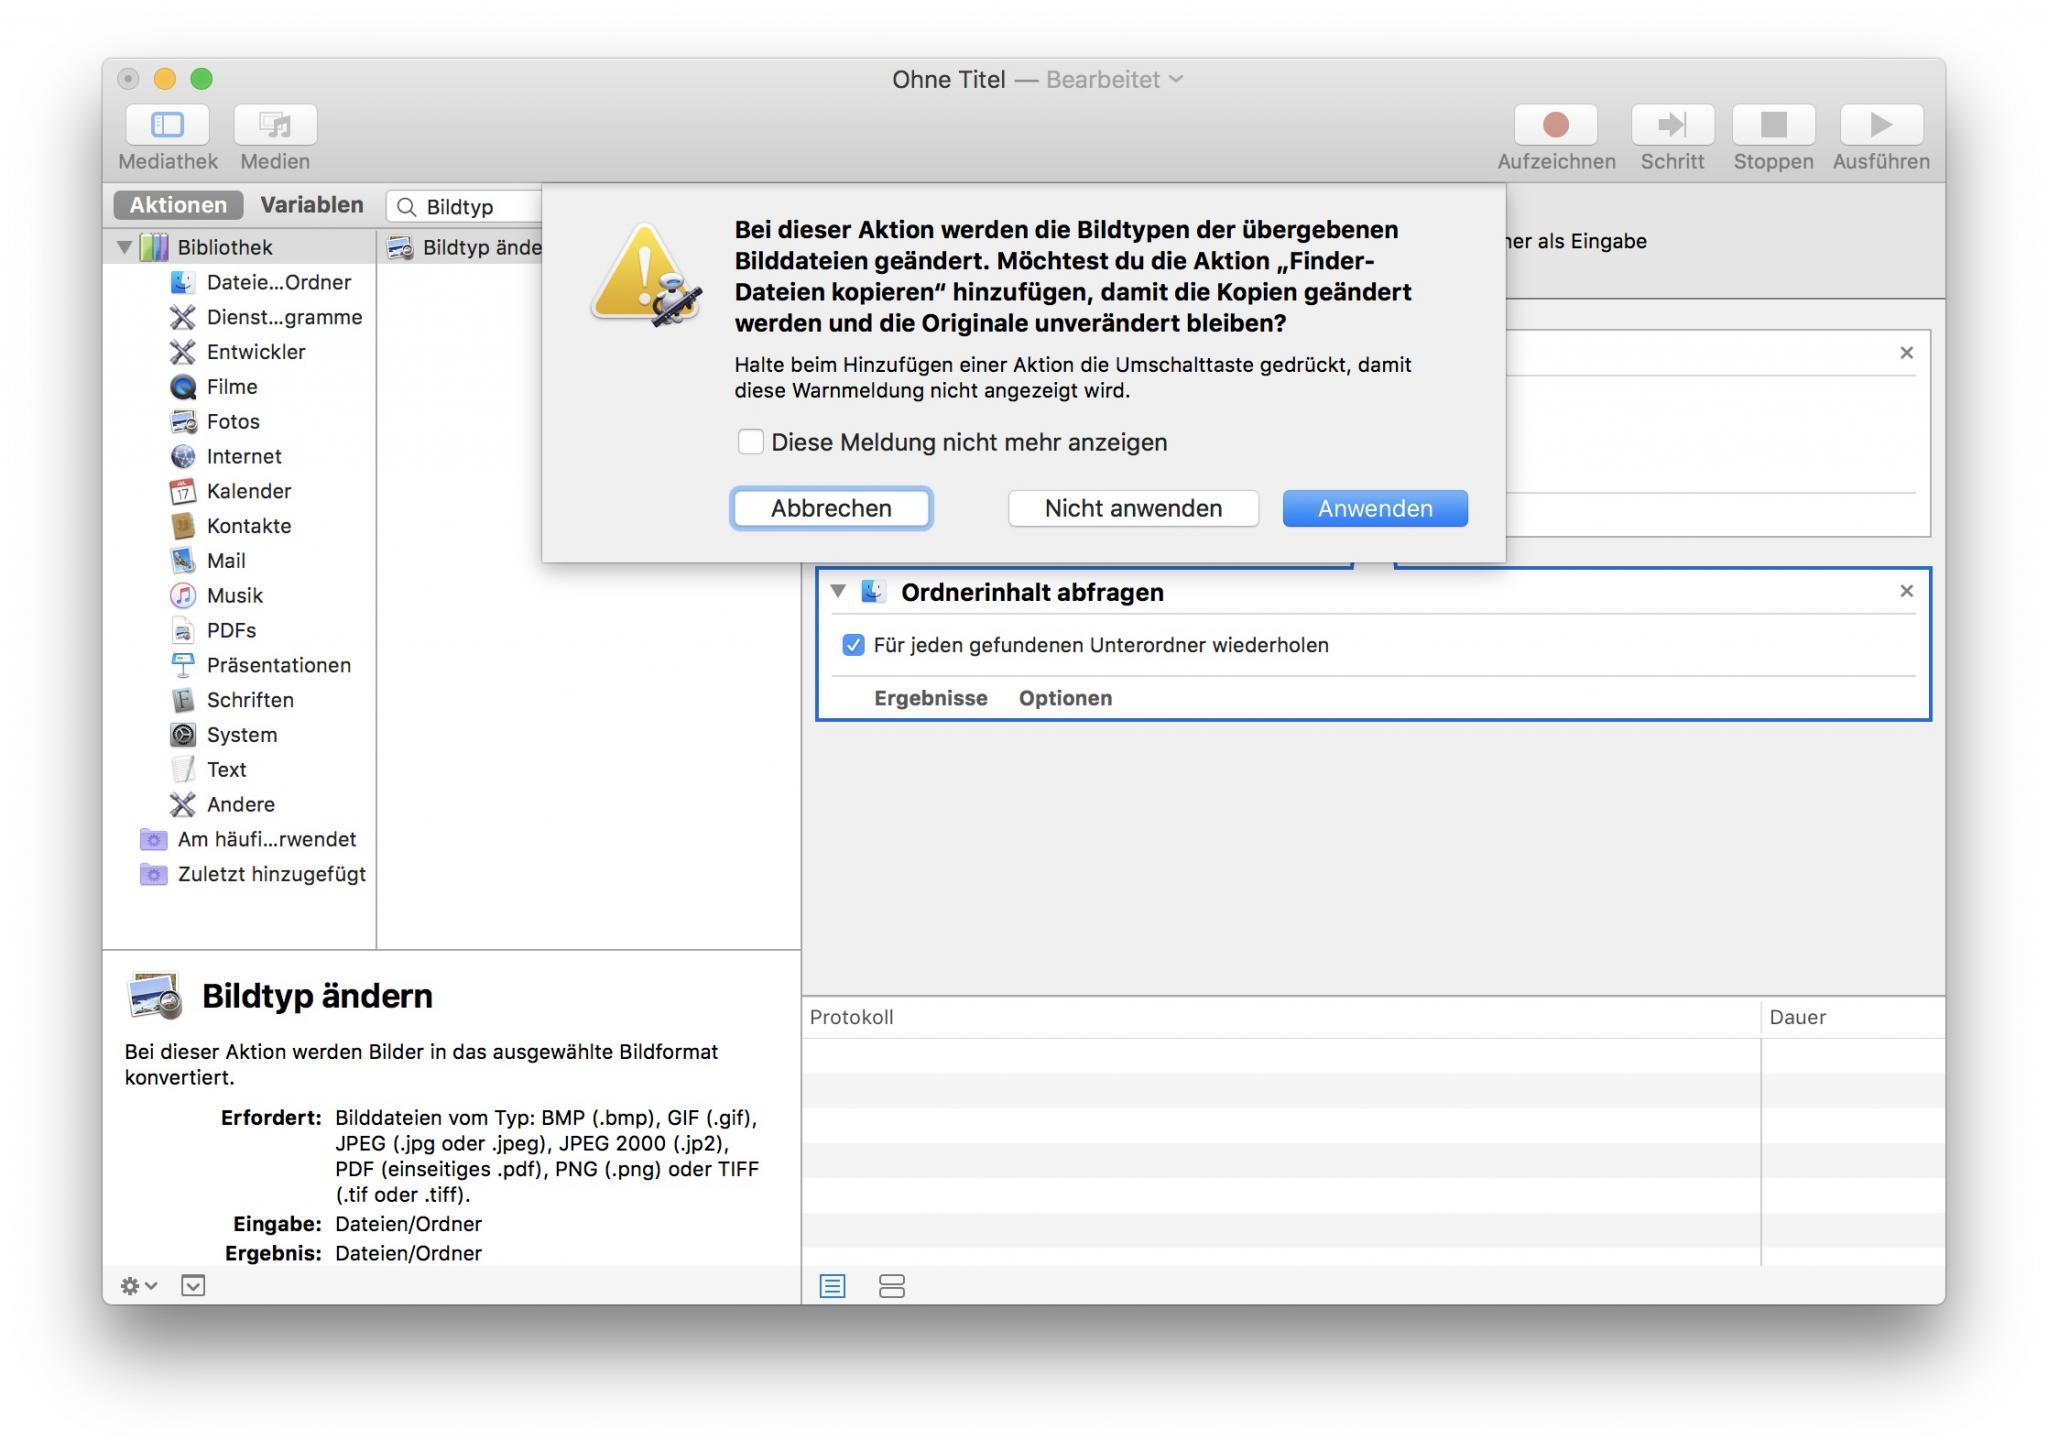 Die Dateien müssen nicht kopiert werden.